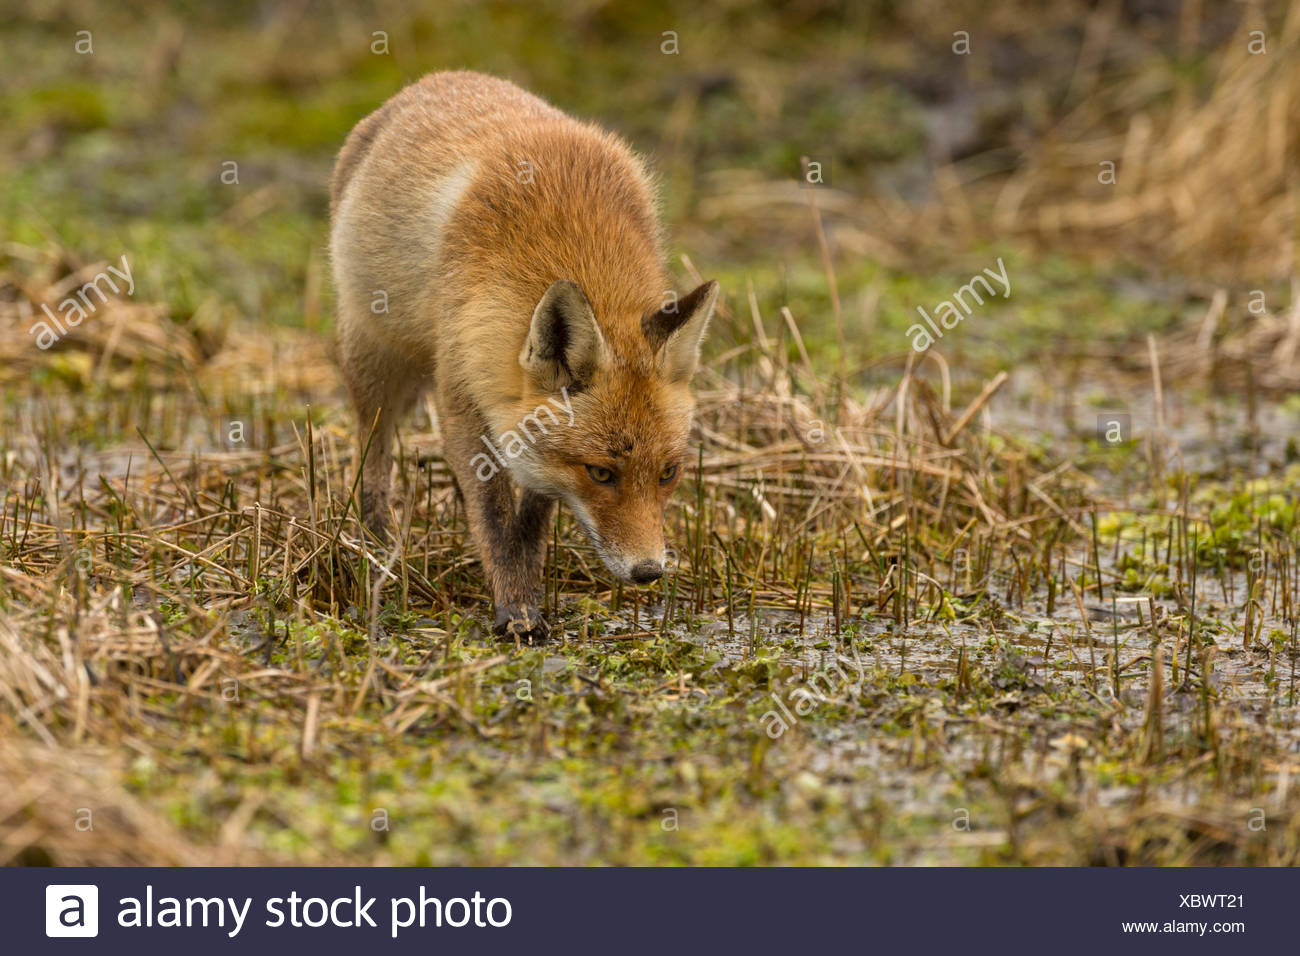 Rotfuchs (Vulpes vulpes), Duenen Nordholland, Niederlande - Stock Image